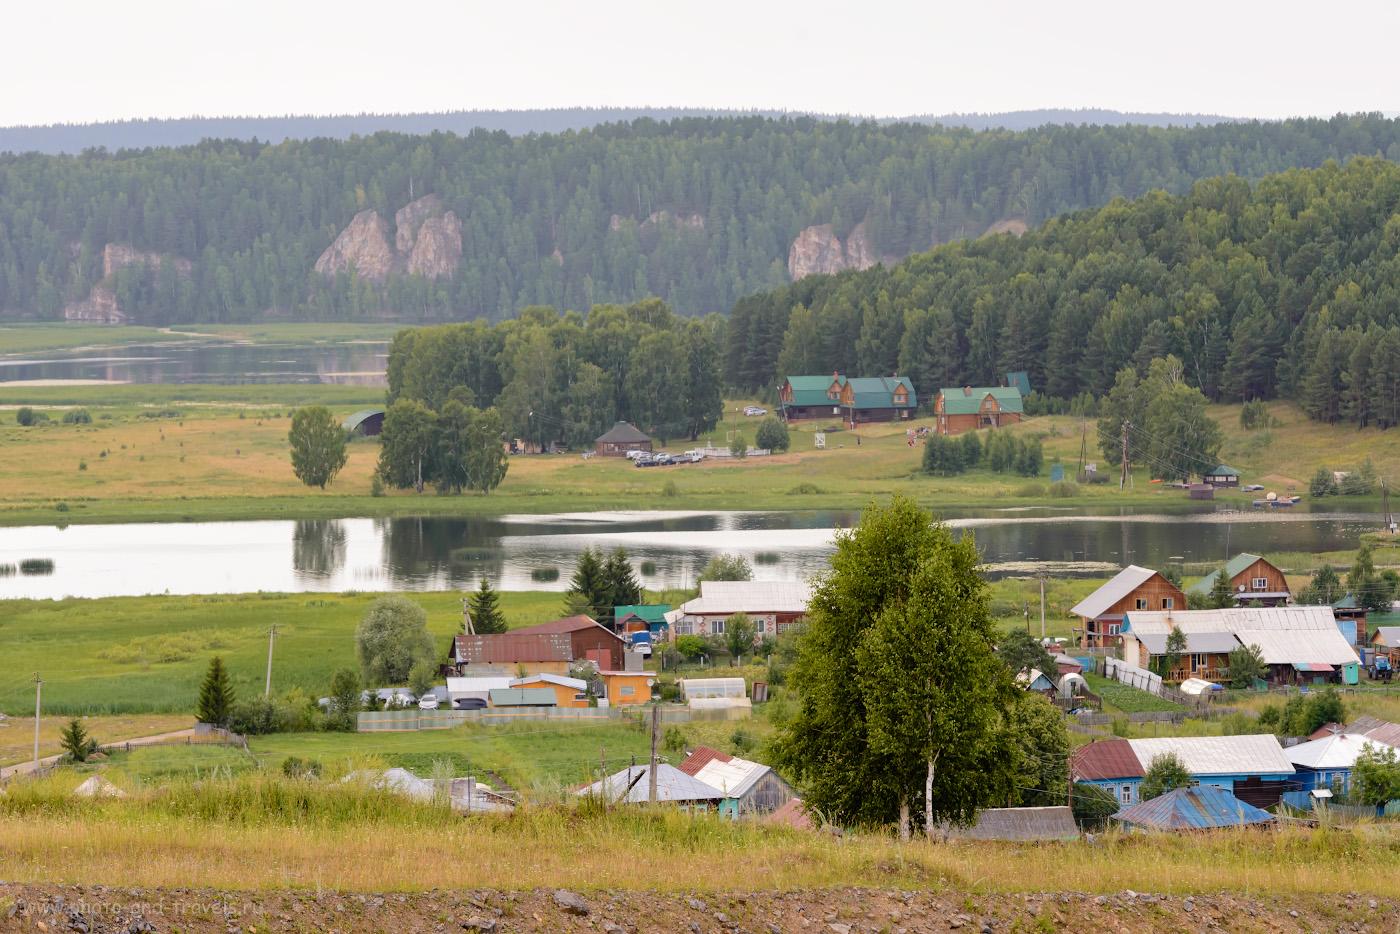 Фото 2. Скалы к северо-западу от Аракаево. Вид с холма на въезде в село. Снято на телеобъектив Nikon 70-200mm f/2.8G со следующими настройками: 1/320, 8.0, 900, -0.33, 135.